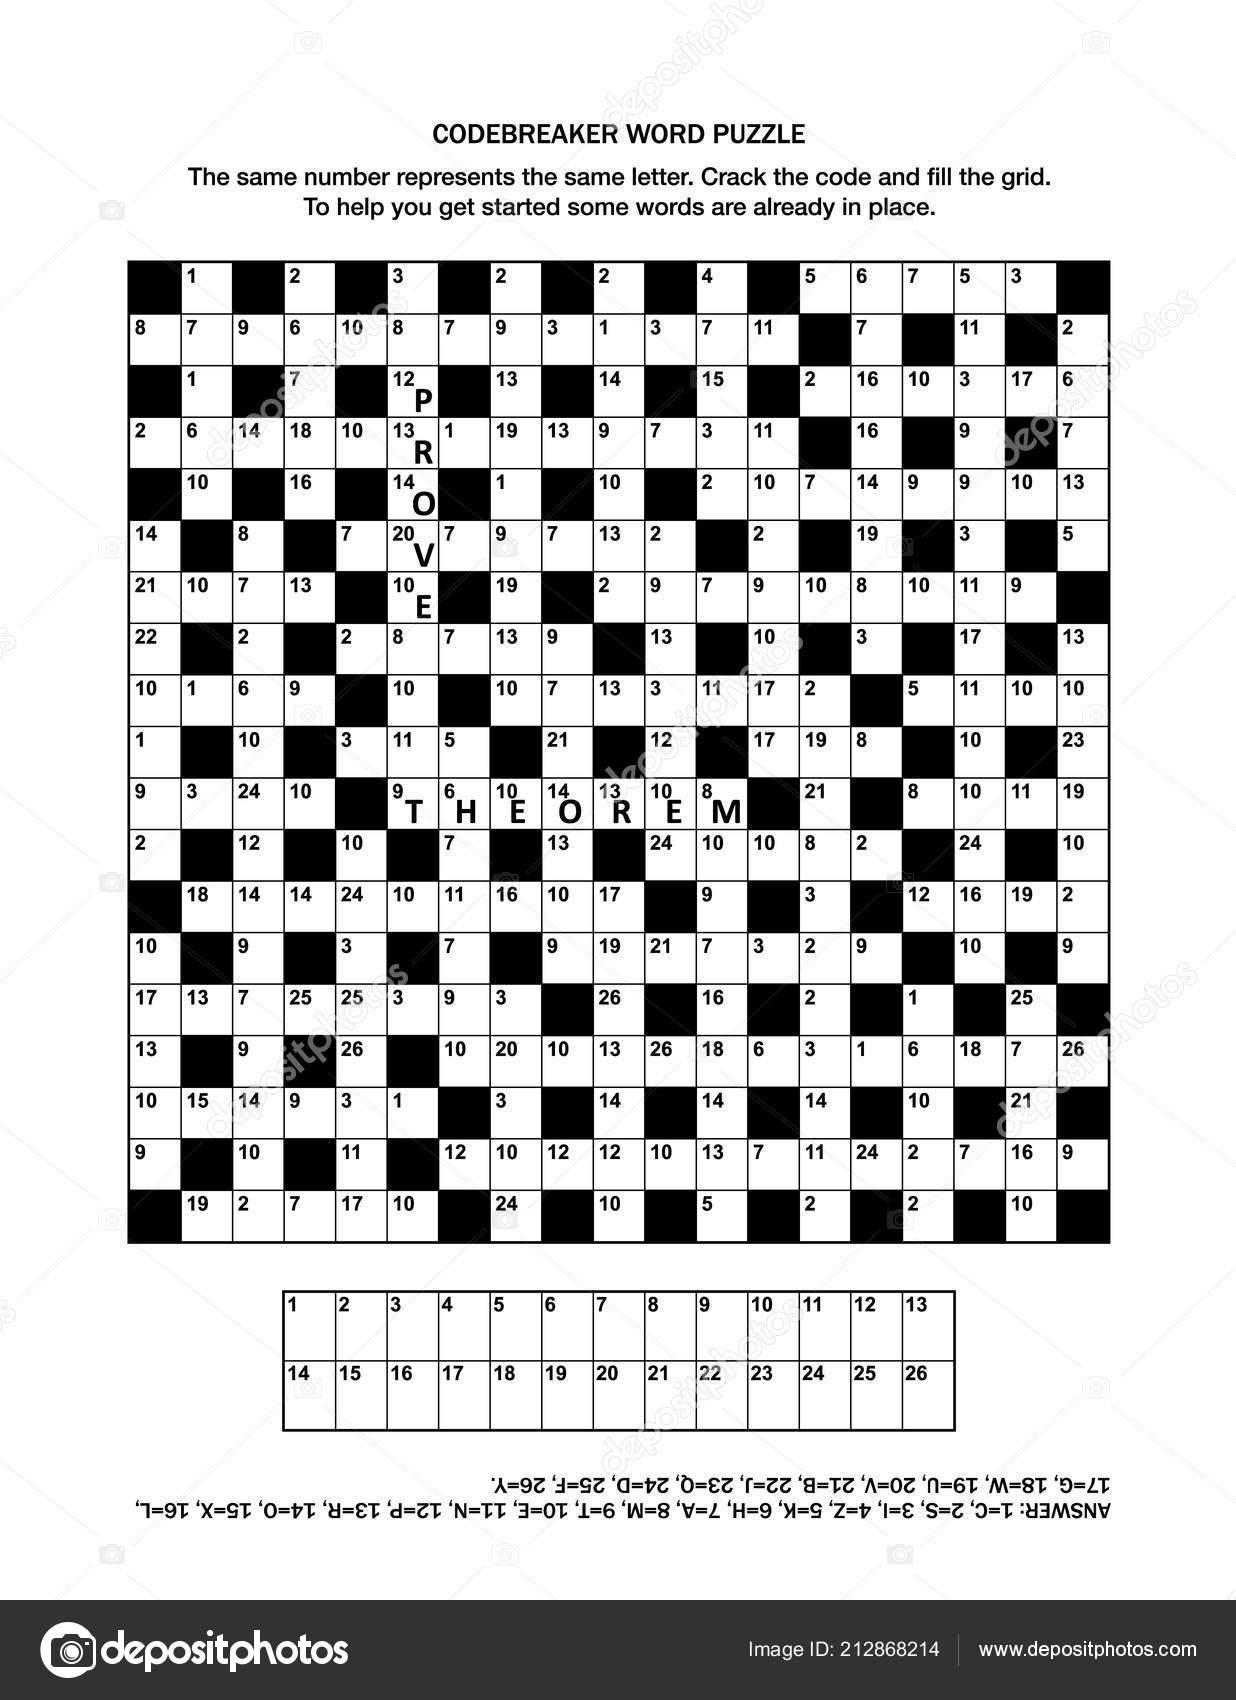 Puzzle Page Codebreaker Codeword Code Cracker Word Game Crossword